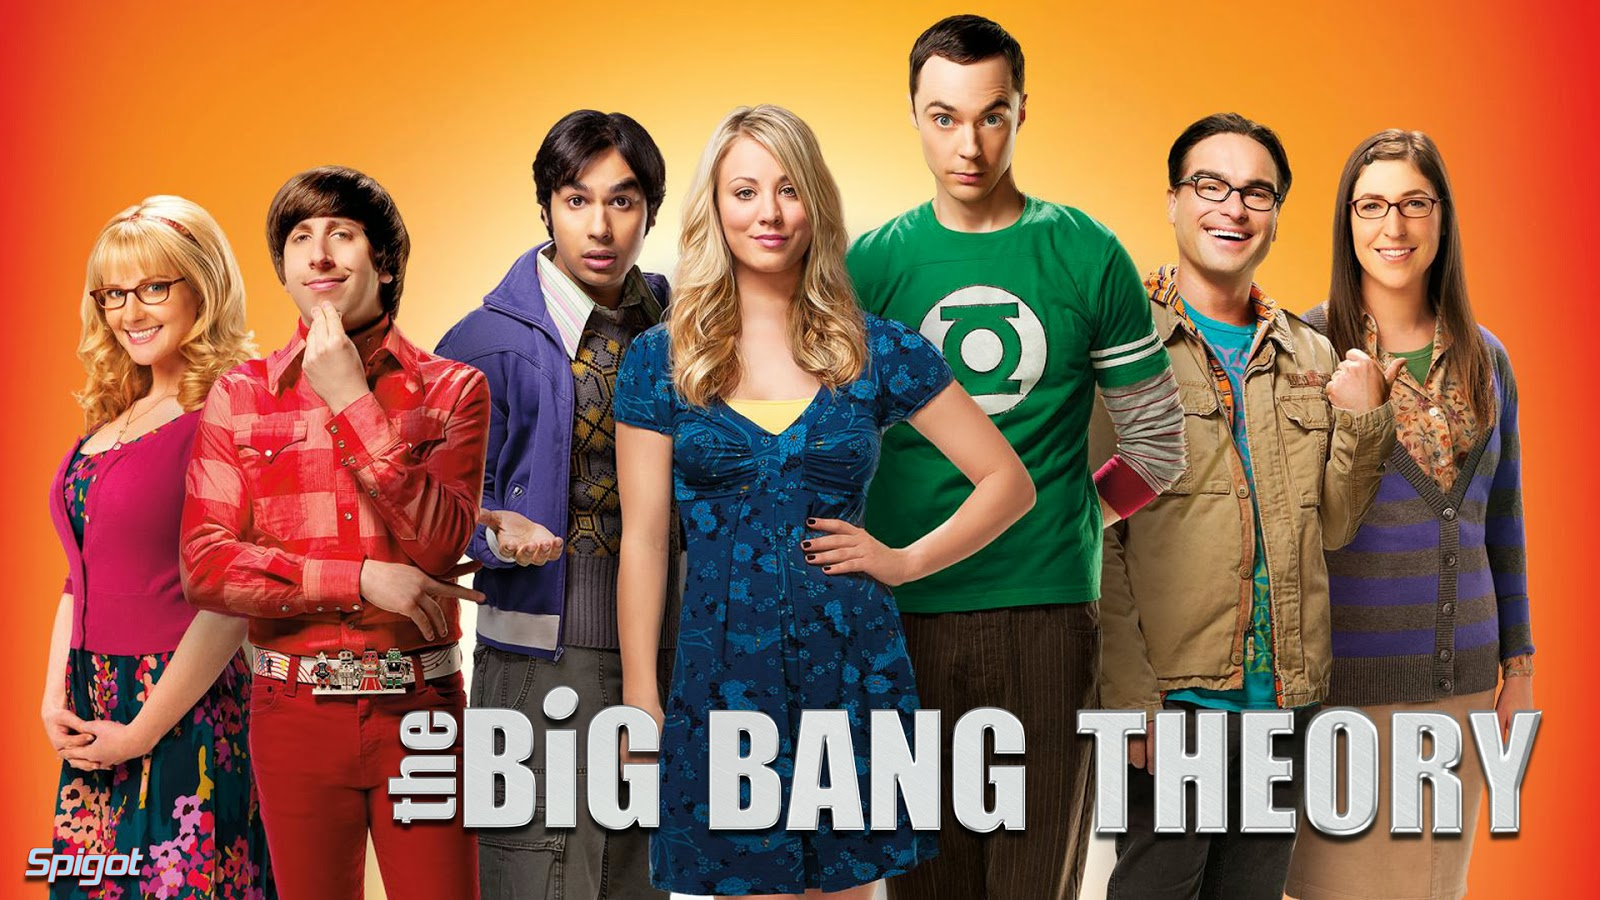 big bang theory s09e17 subtitles